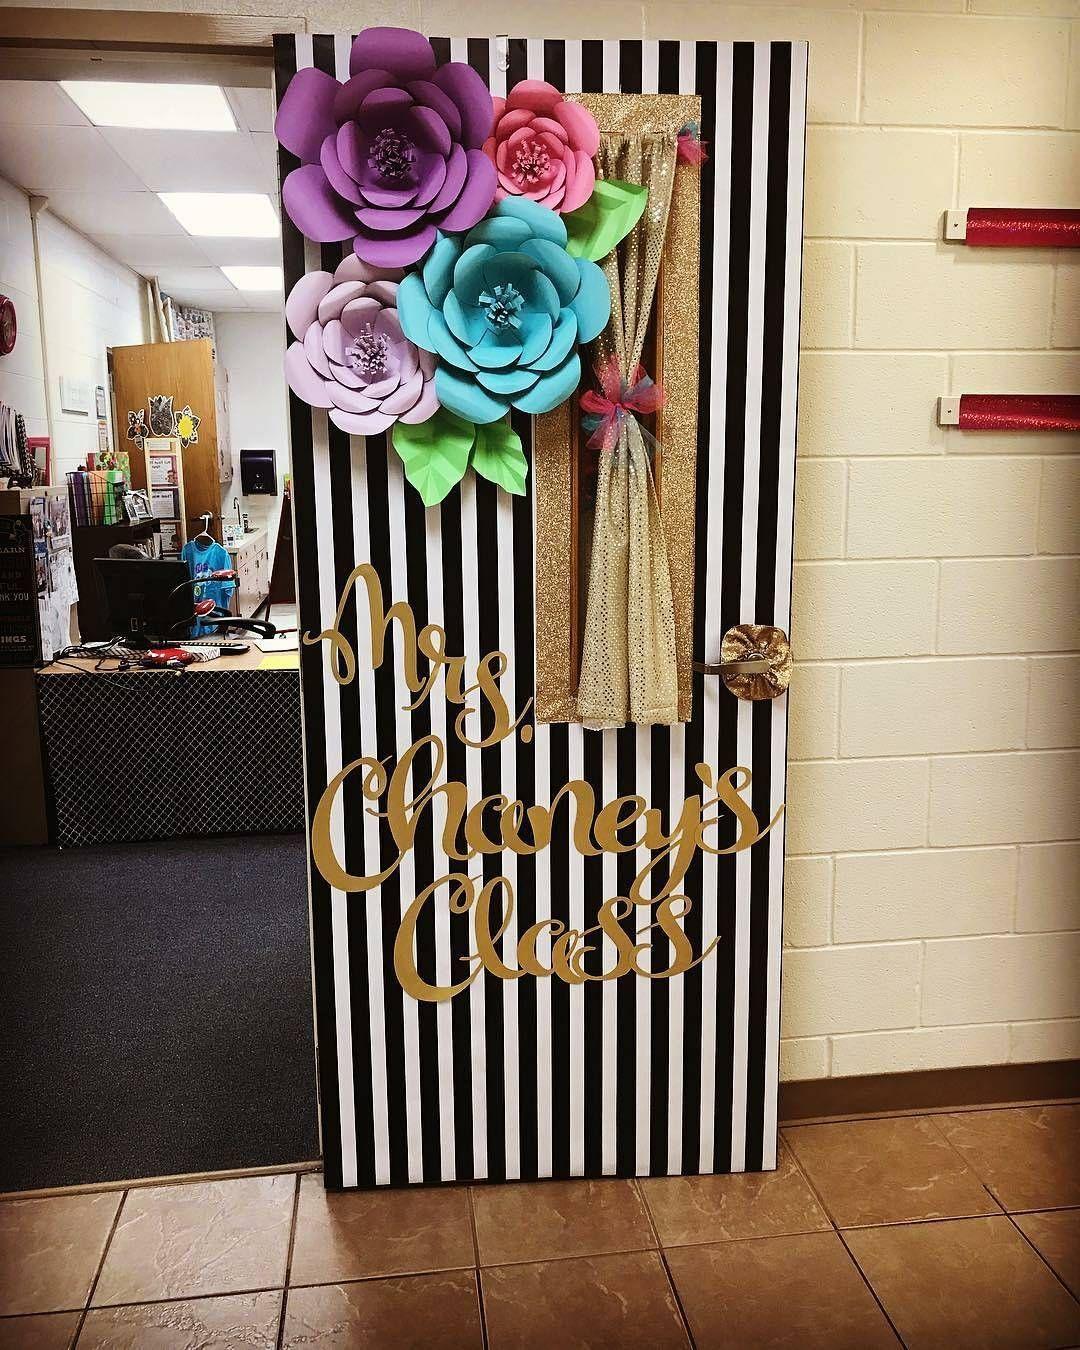 The Digital Agency You Need On Instagram Spotted Mrs Chaney S Door Via Thirdgradeteaching H School Doors Door Decorations Classroom Classroom Decorations